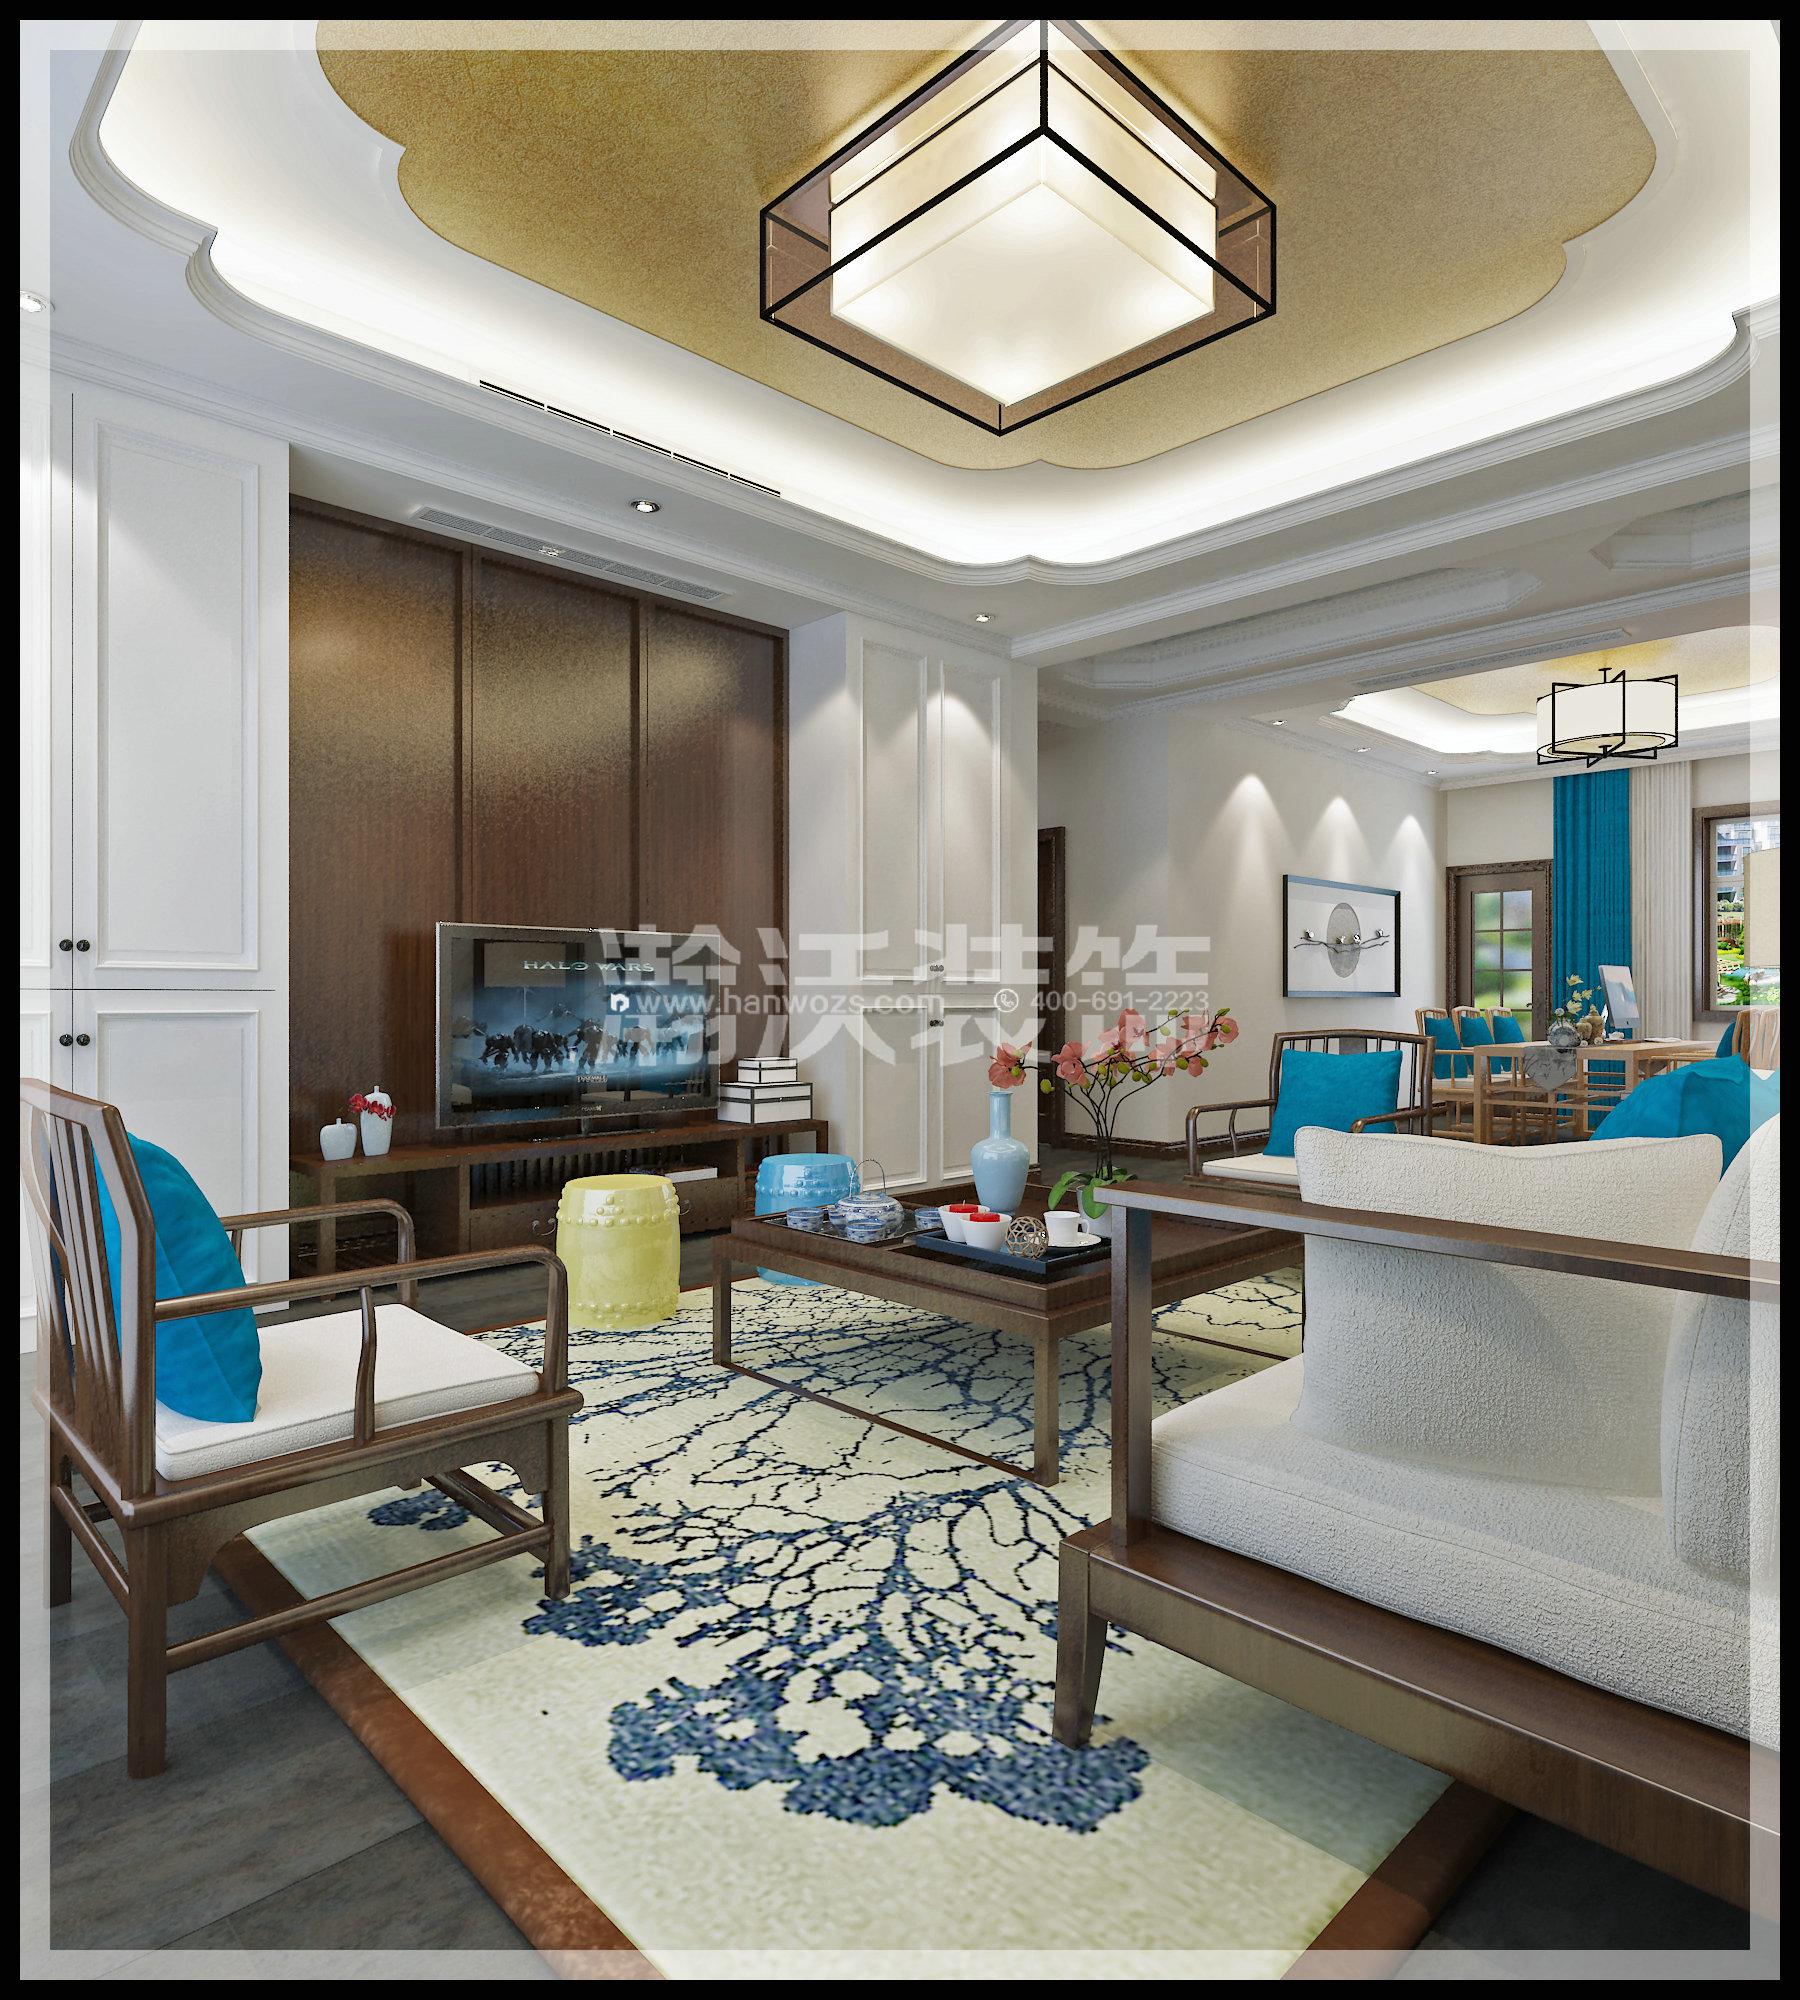 四居 新中式 星河盛世 装修效果图 客厅图片来自河北瀚沃装饰在星河盛世208㎡四居室新中式效果的分享